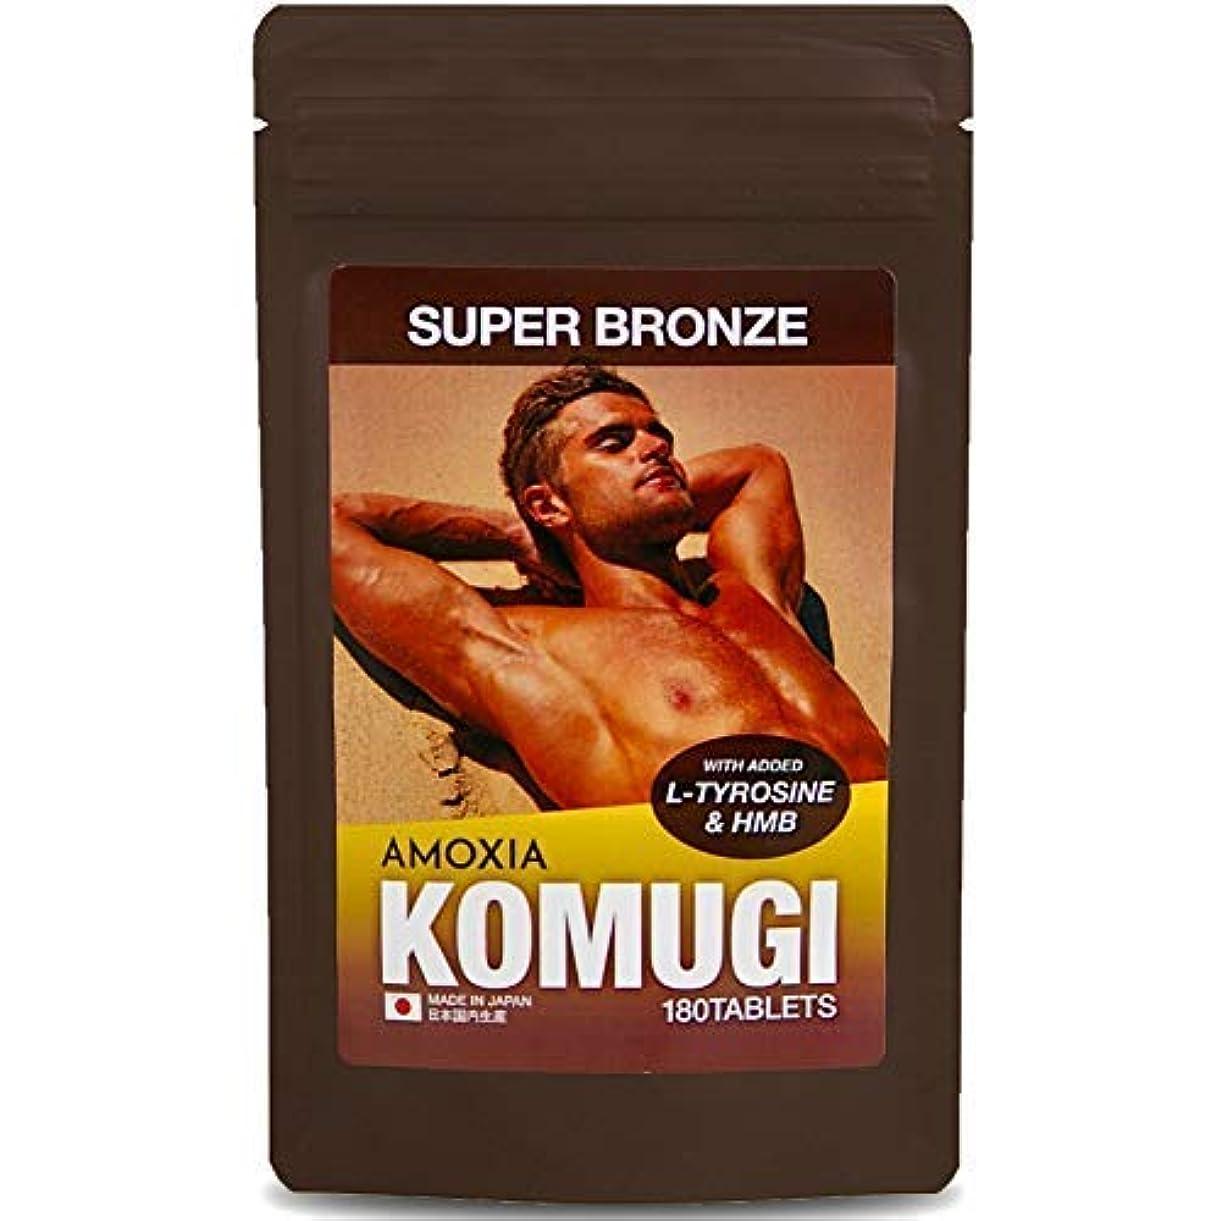 ベリバイアス投票KOMUGI 日焼けと筋肉増強で新発想の飲むタンニング タンニングサプリメント 安心の国産 HMB配合 国産シェア100%